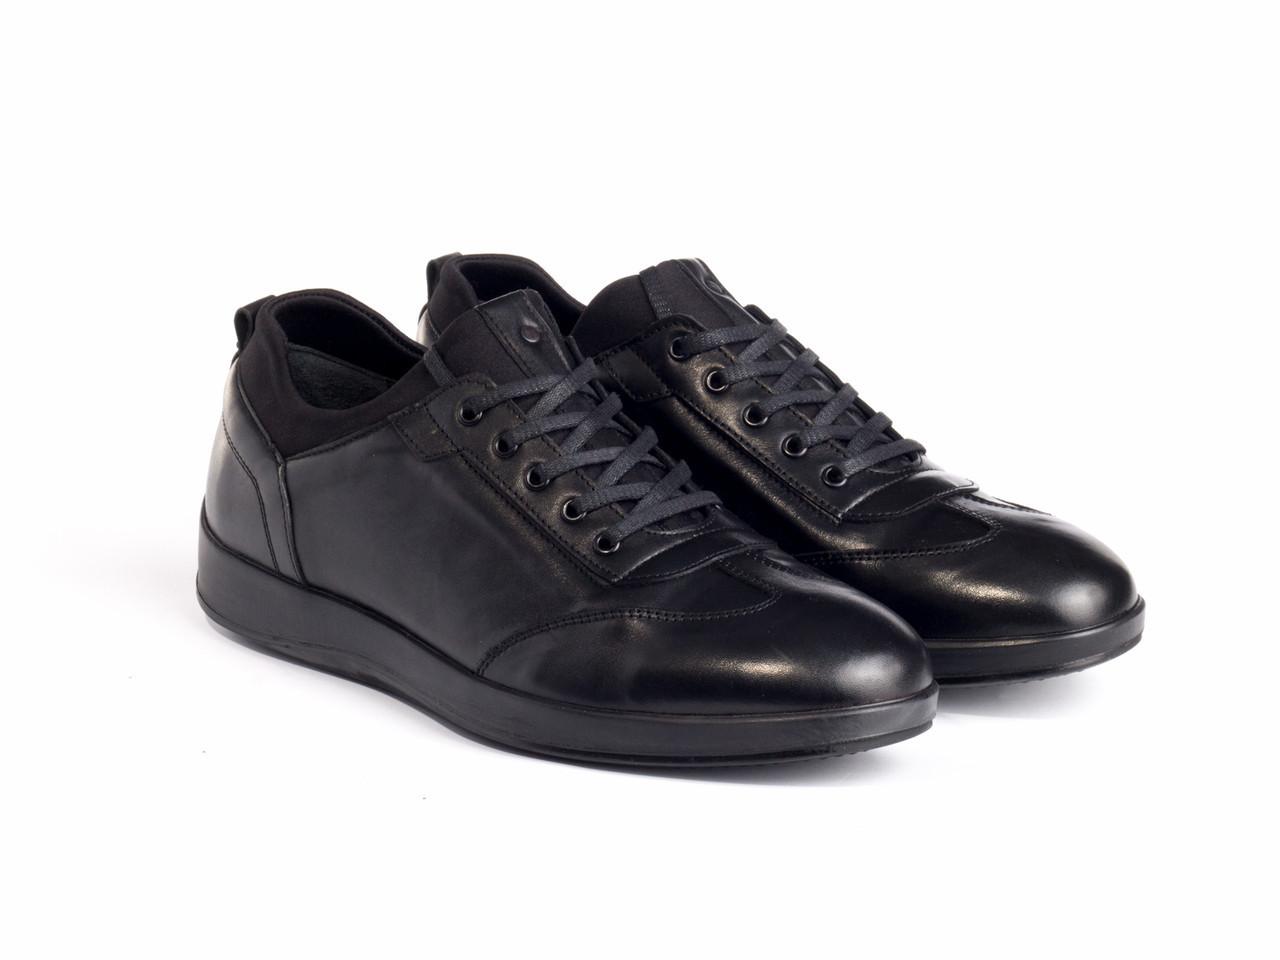 Кроссовки Etor 8891-96-1 42 черные